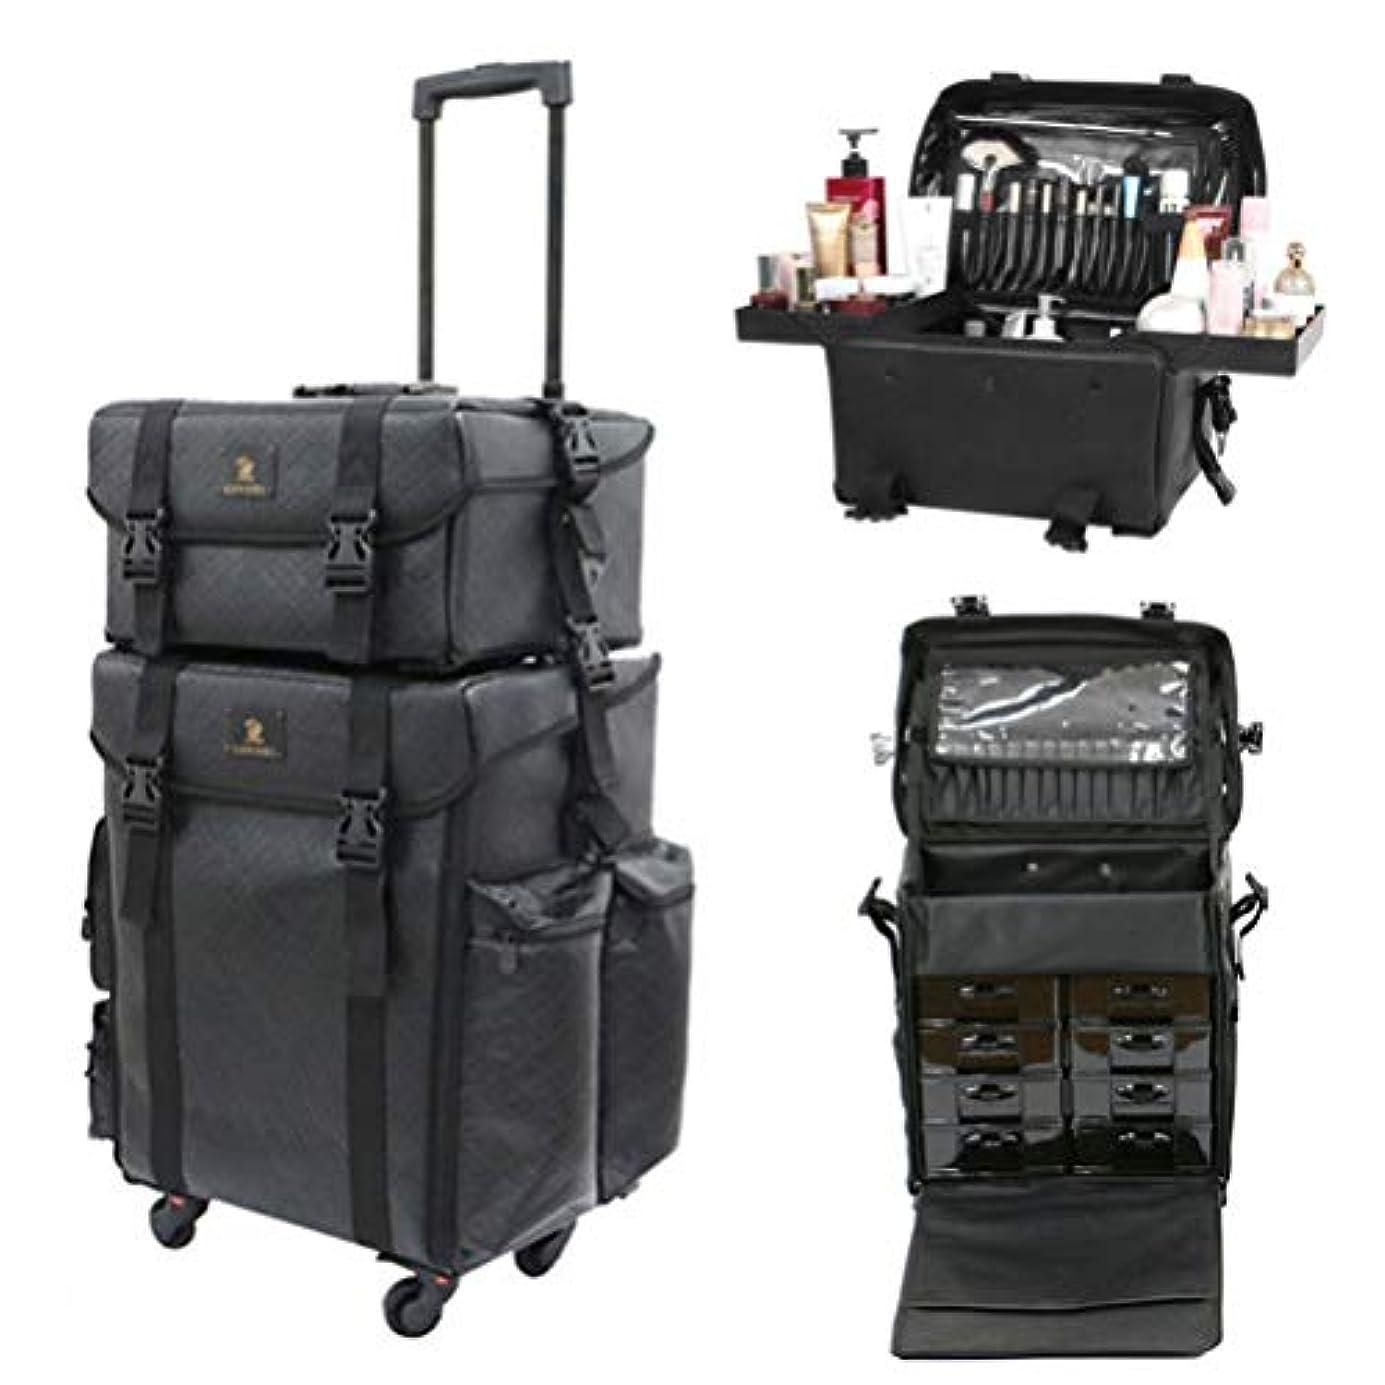 アコー討論ヒットLUVODI メイクボックス 大容量 プロ コスメボックス 旅行 引き出し 化粧品収納 メイクキャリーケース 美容師 化粧箱 防水 レザー 黒